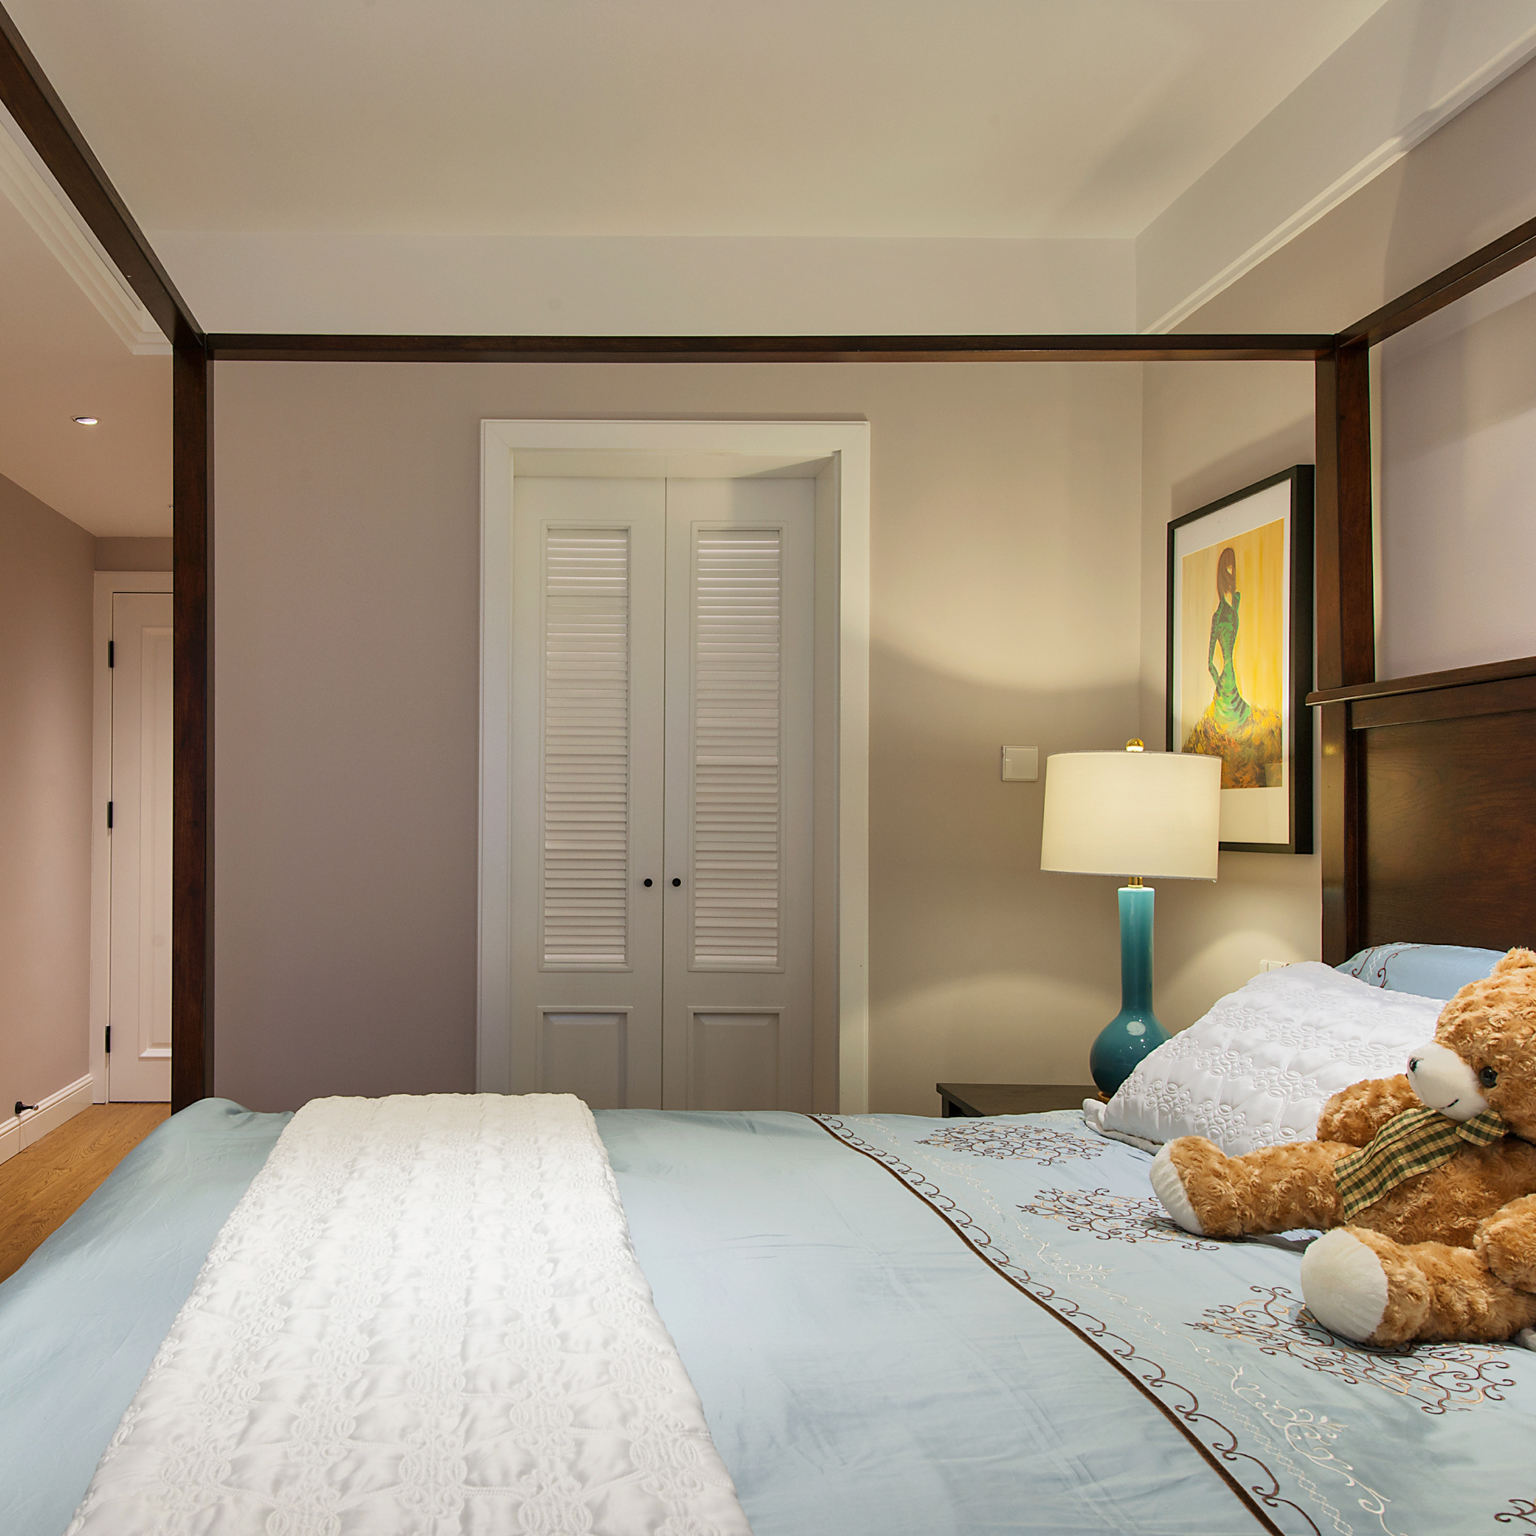 美式风格卧室创意设计图片